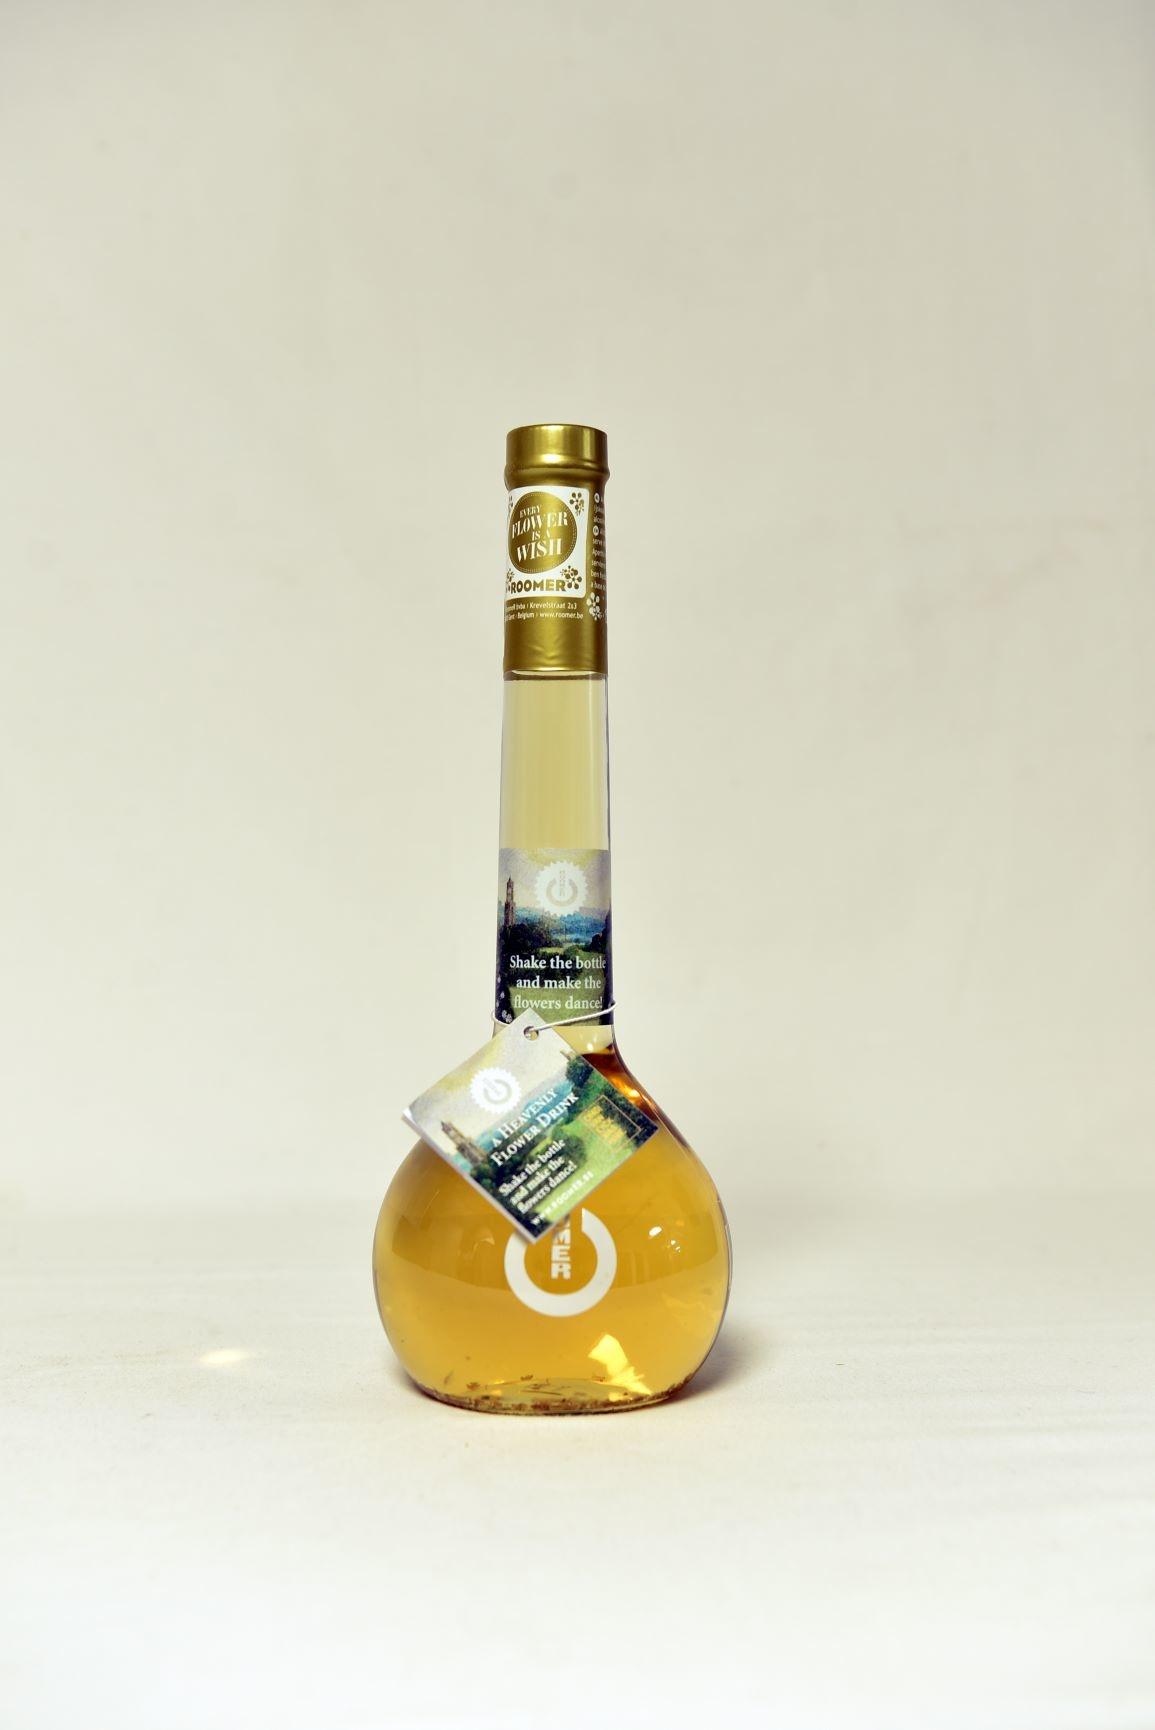 RoomeR Bottle of RoomeR